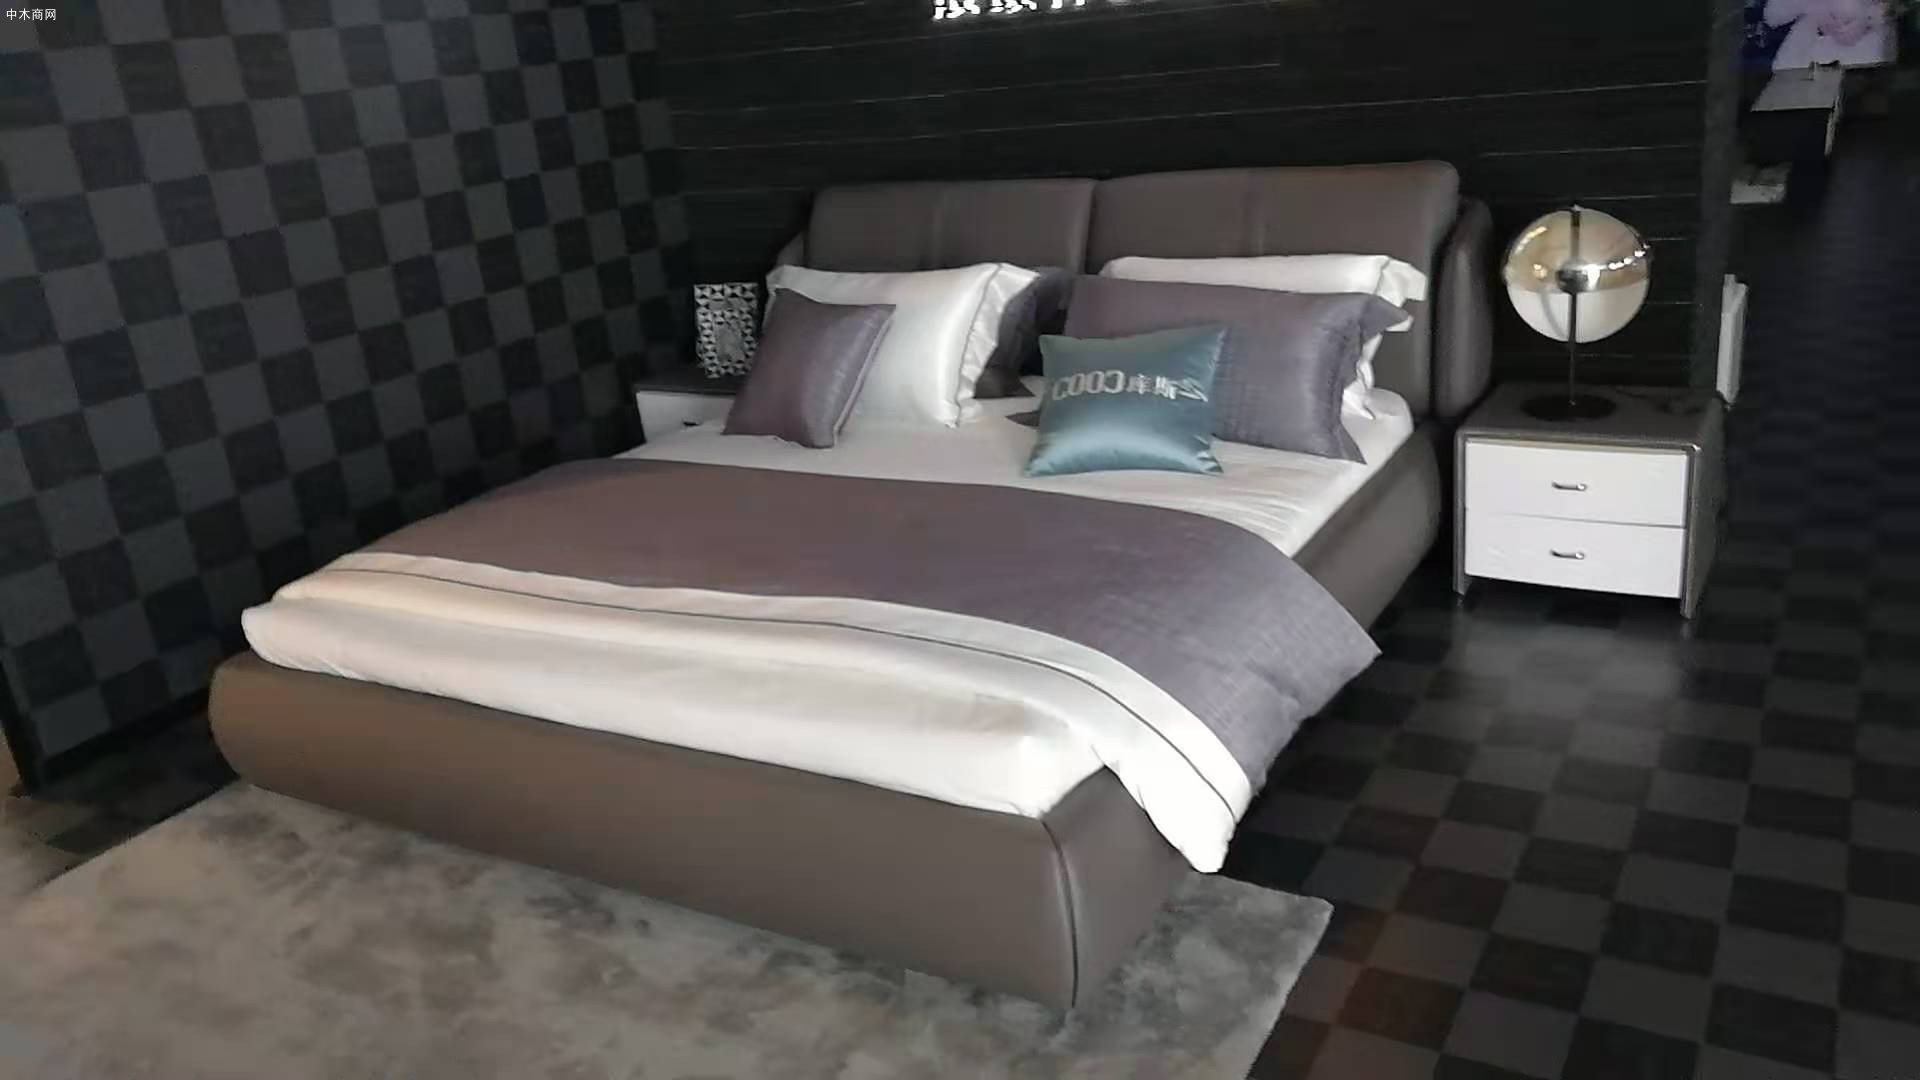 宜昌软床价格及图片价格